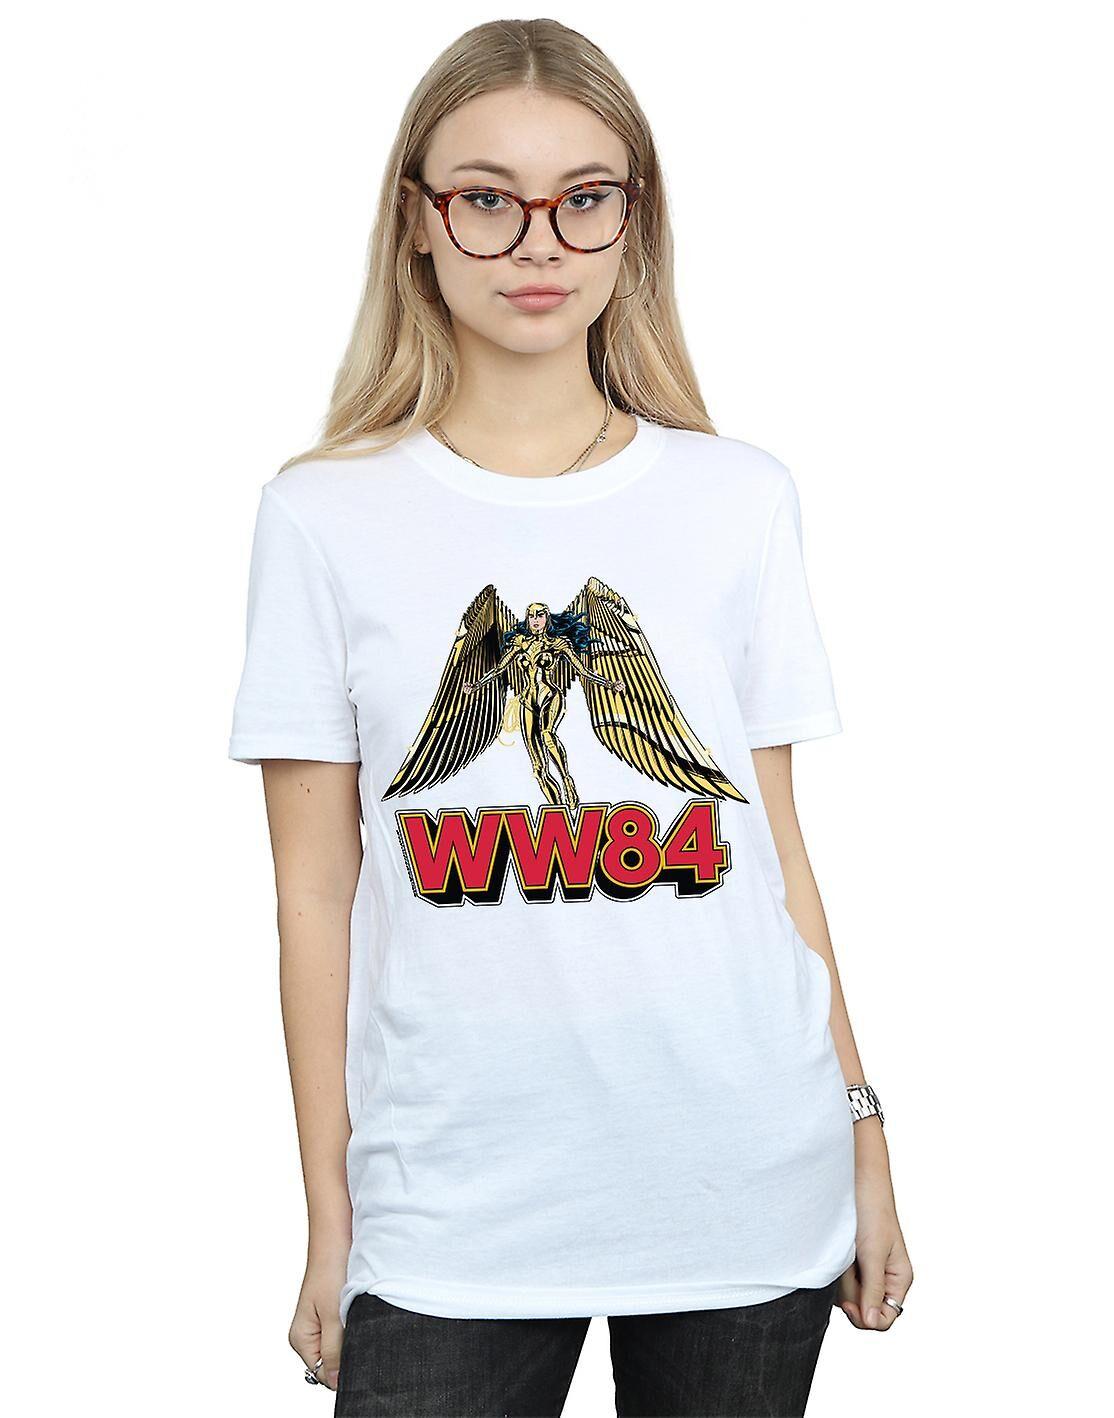 Absolute Cult DC Comics Femmes-apos;s Wonder Woman 84 Golden Armour Boyfriend Fit T-Shirt Noir Medium